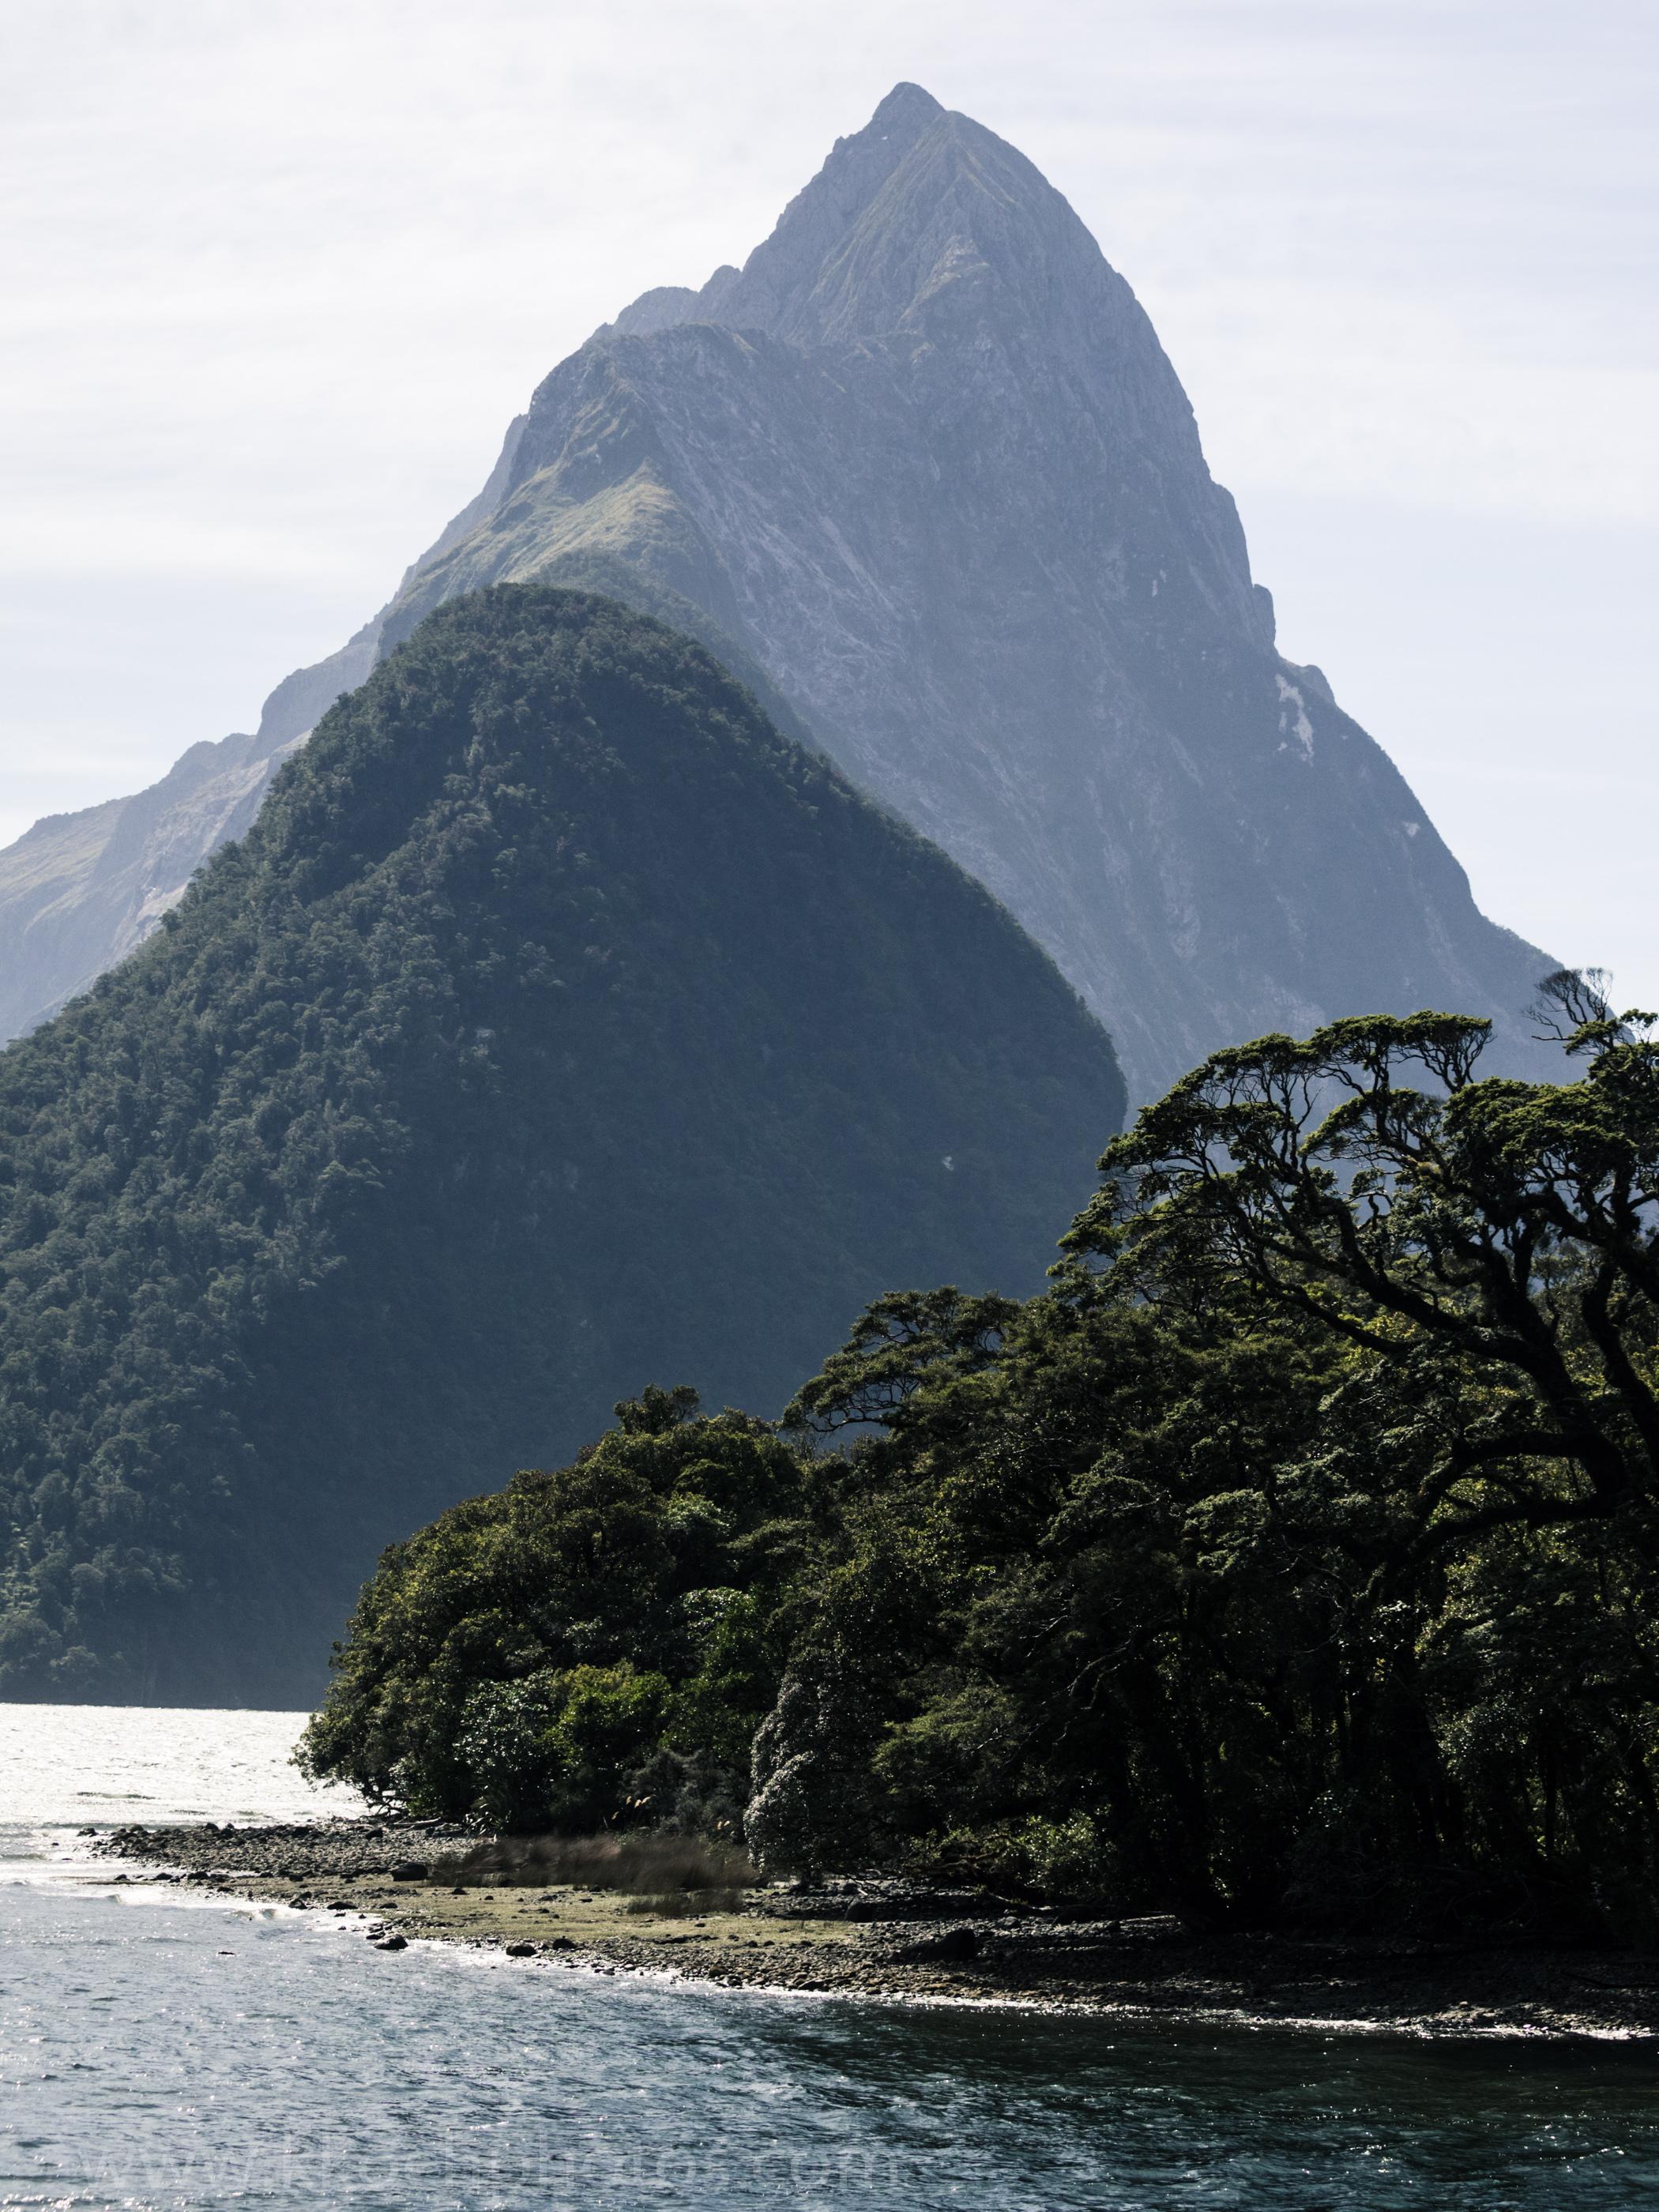 the famous Mitre Peak